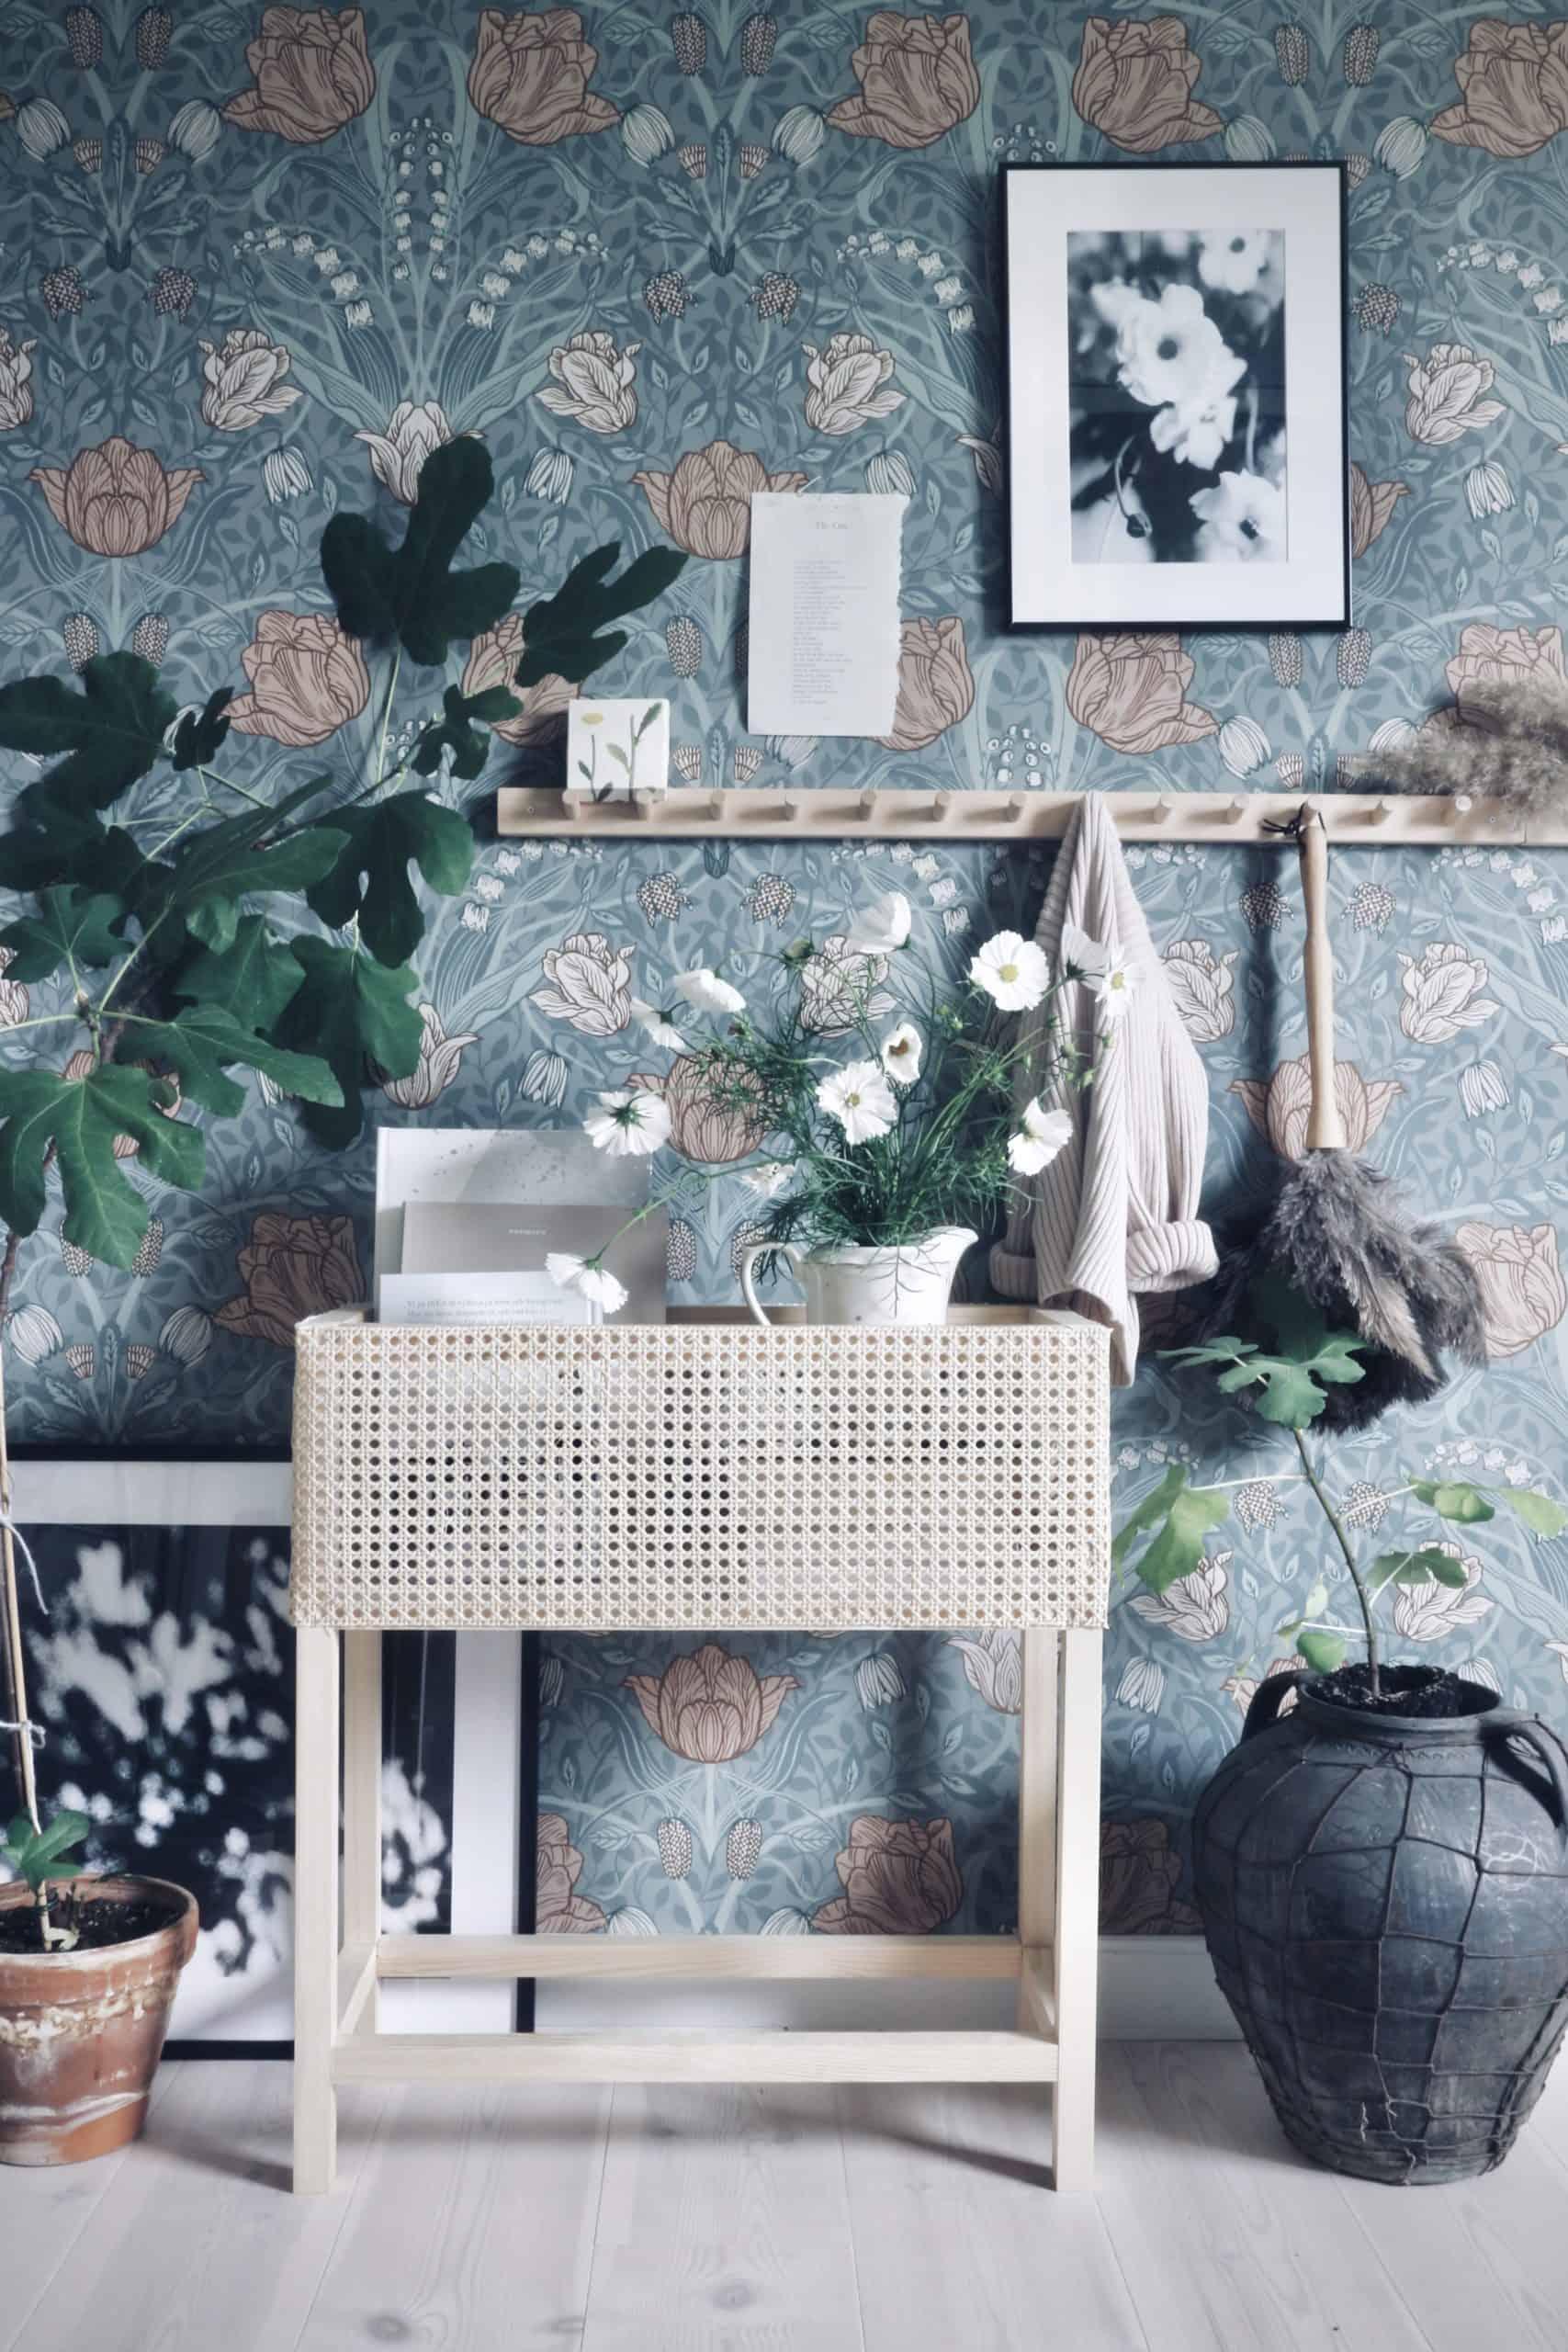 Bygg ditt eget blombord för vårens all växtlighet